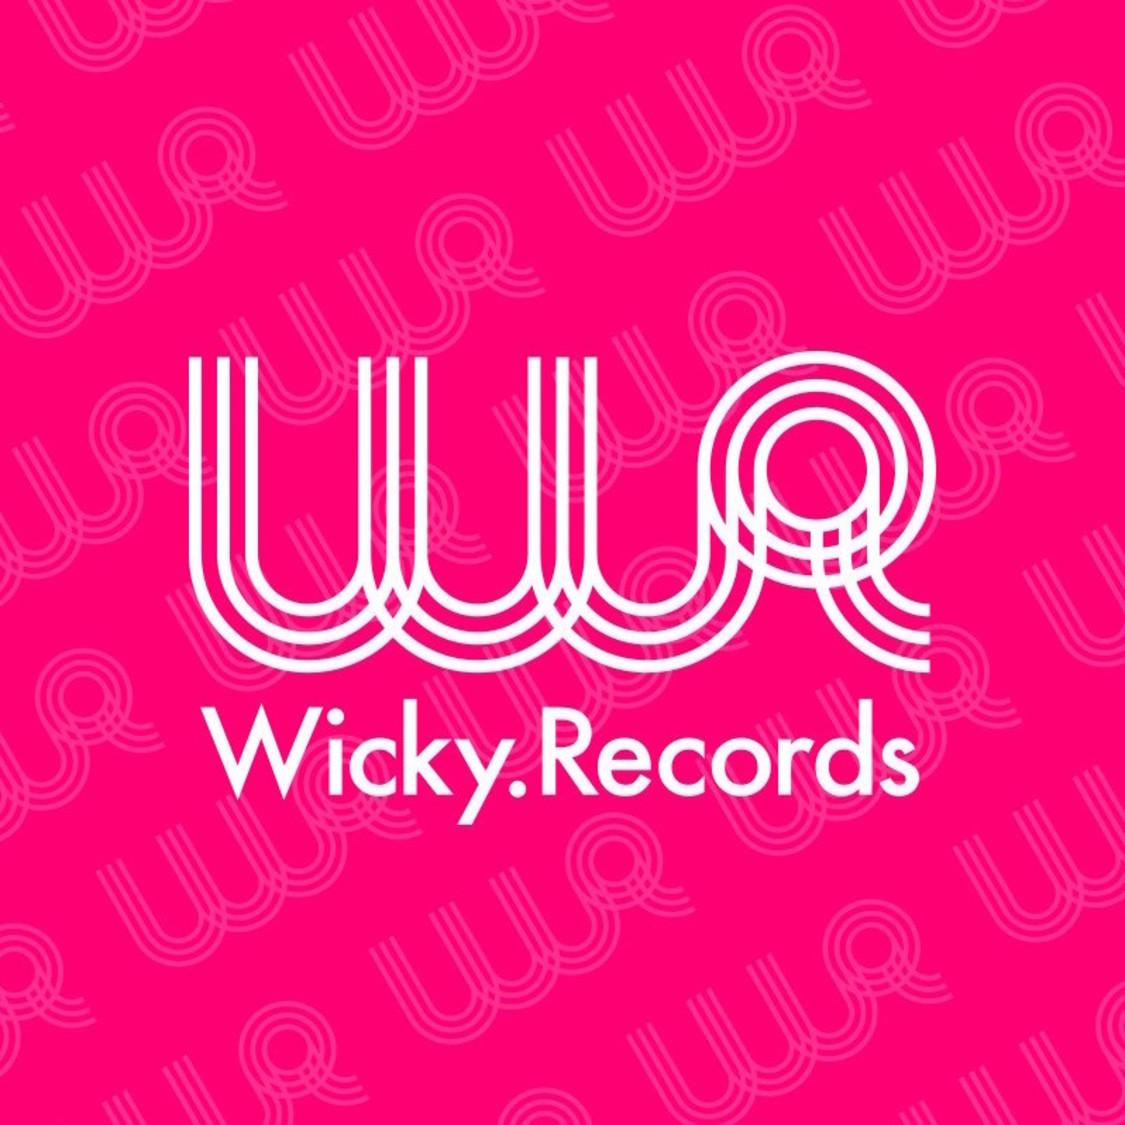 音楽プロデューサー&作家チーム・Wicky.Records、初のアイドルグループを立ち上げ!メンバー募集開始+楽曲デモ/ダンス動画公開